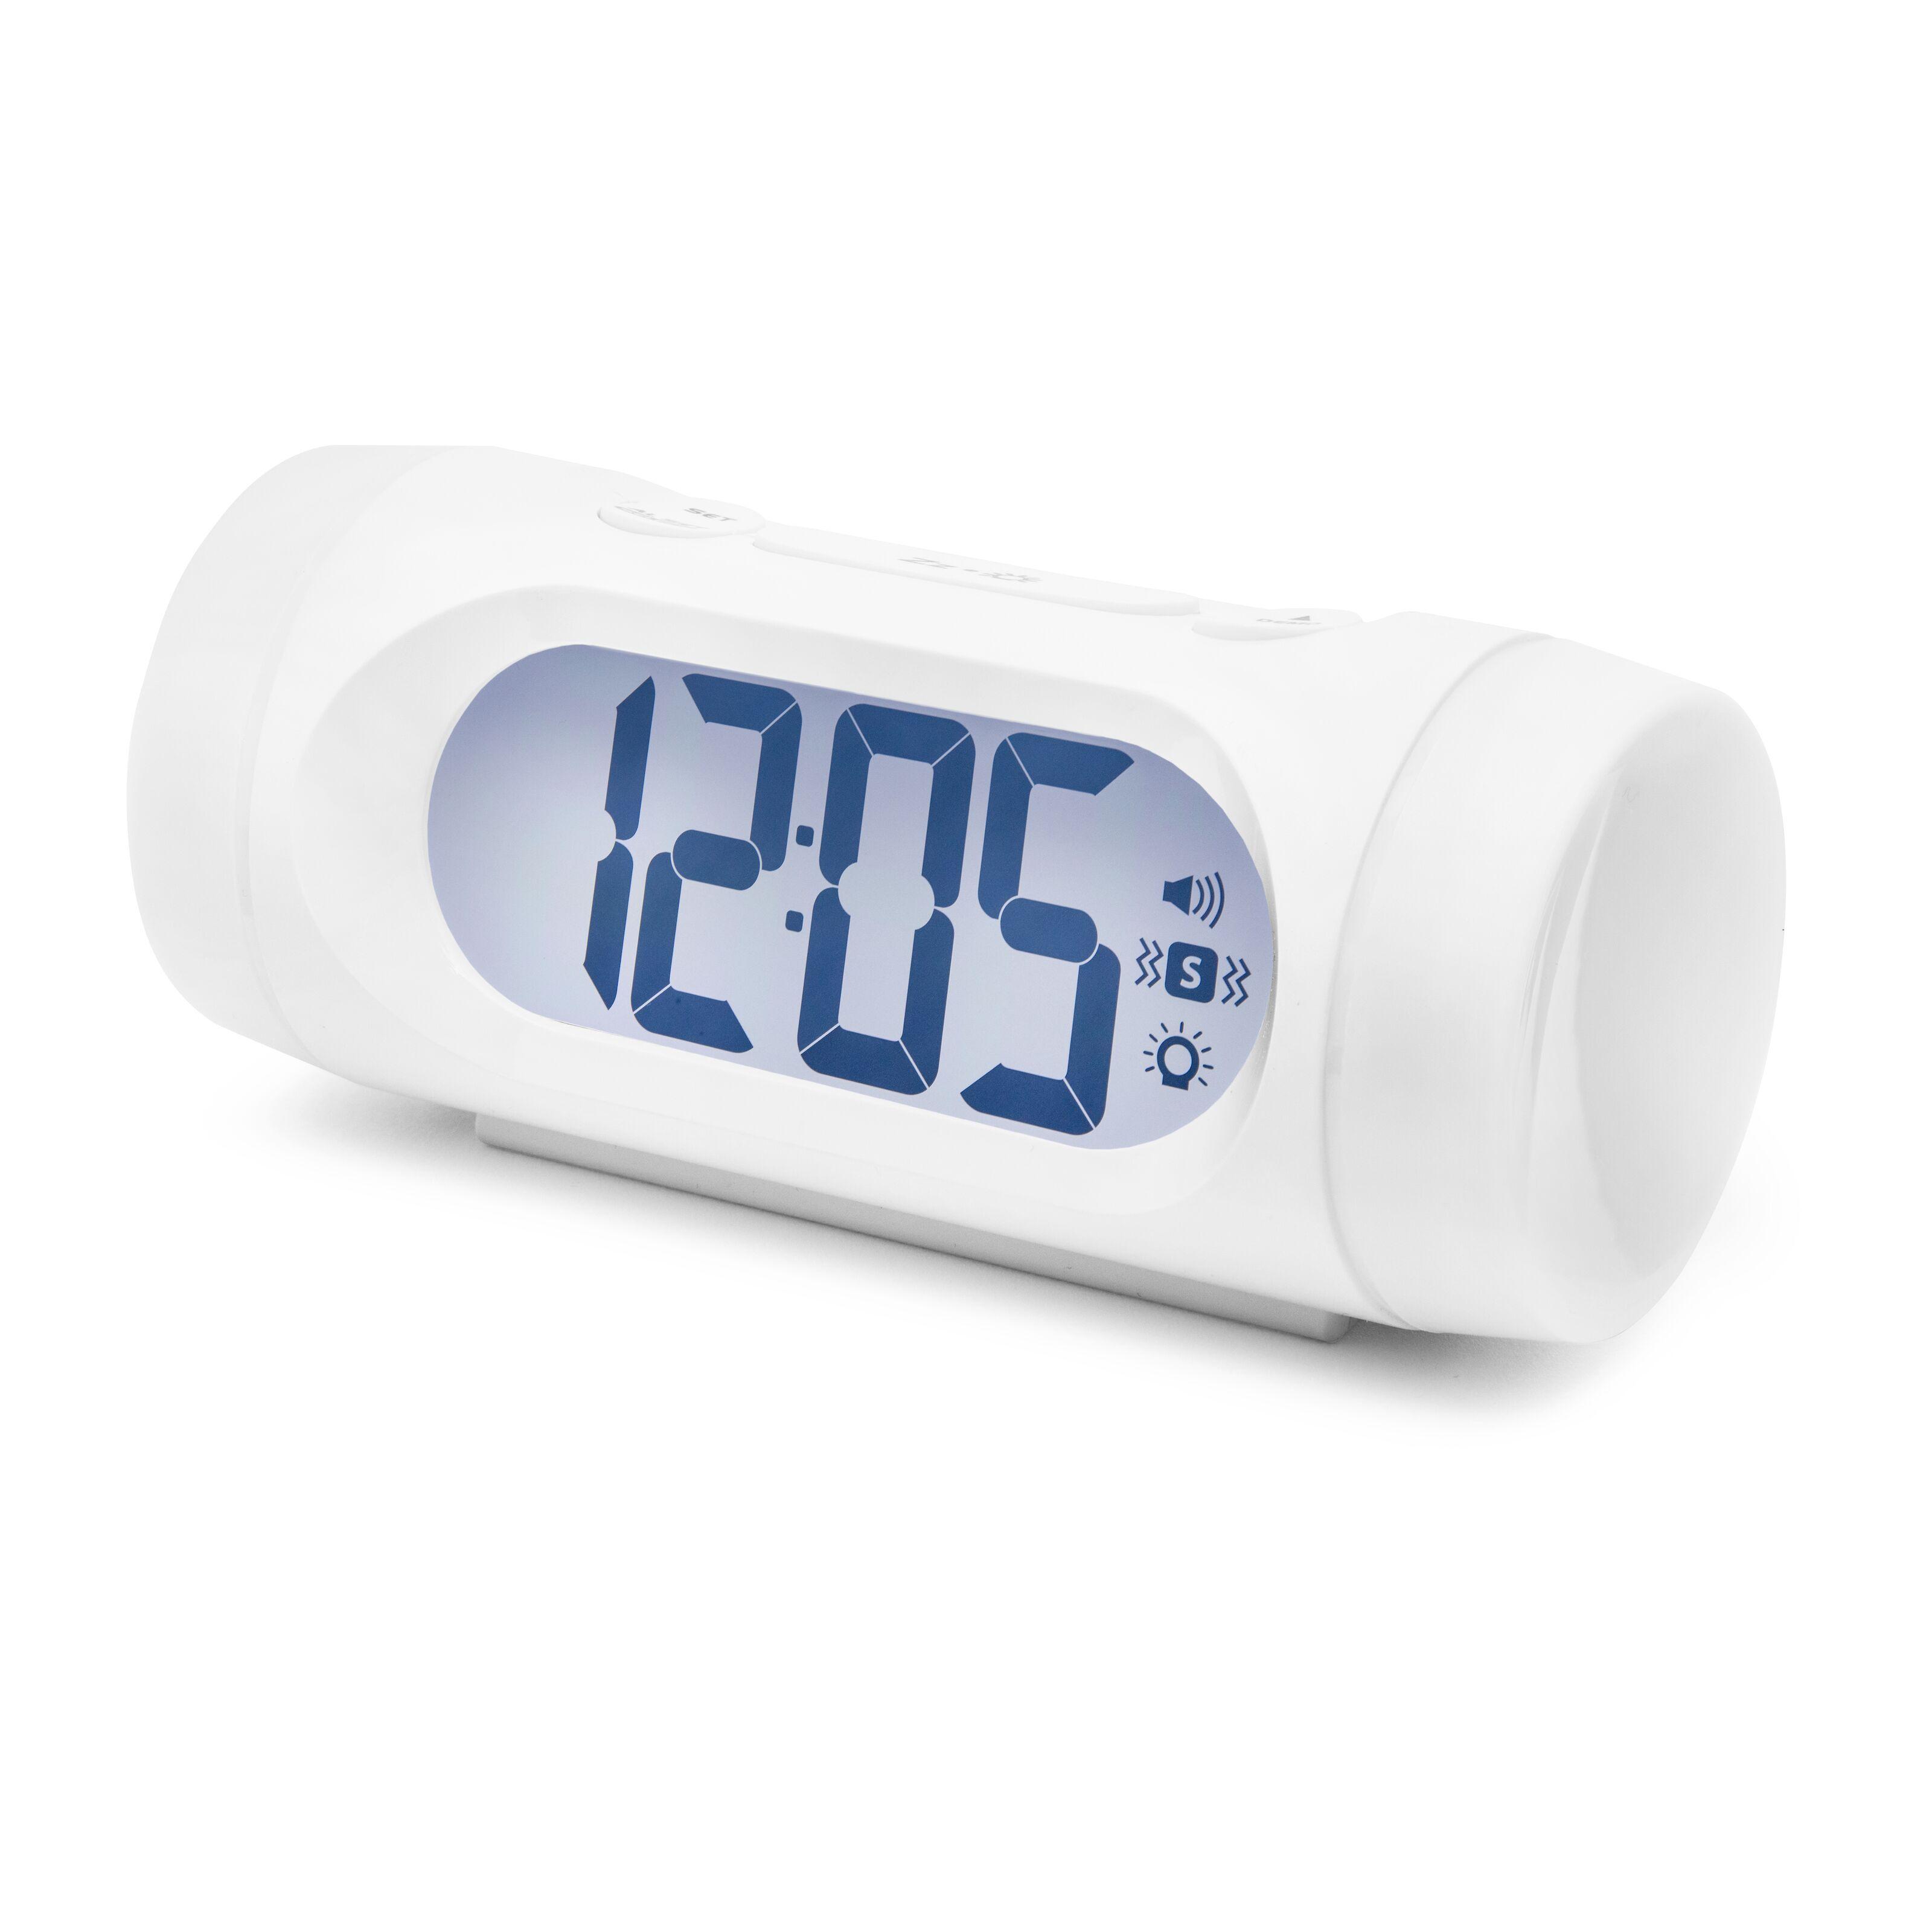 väckarklocka med vibrator